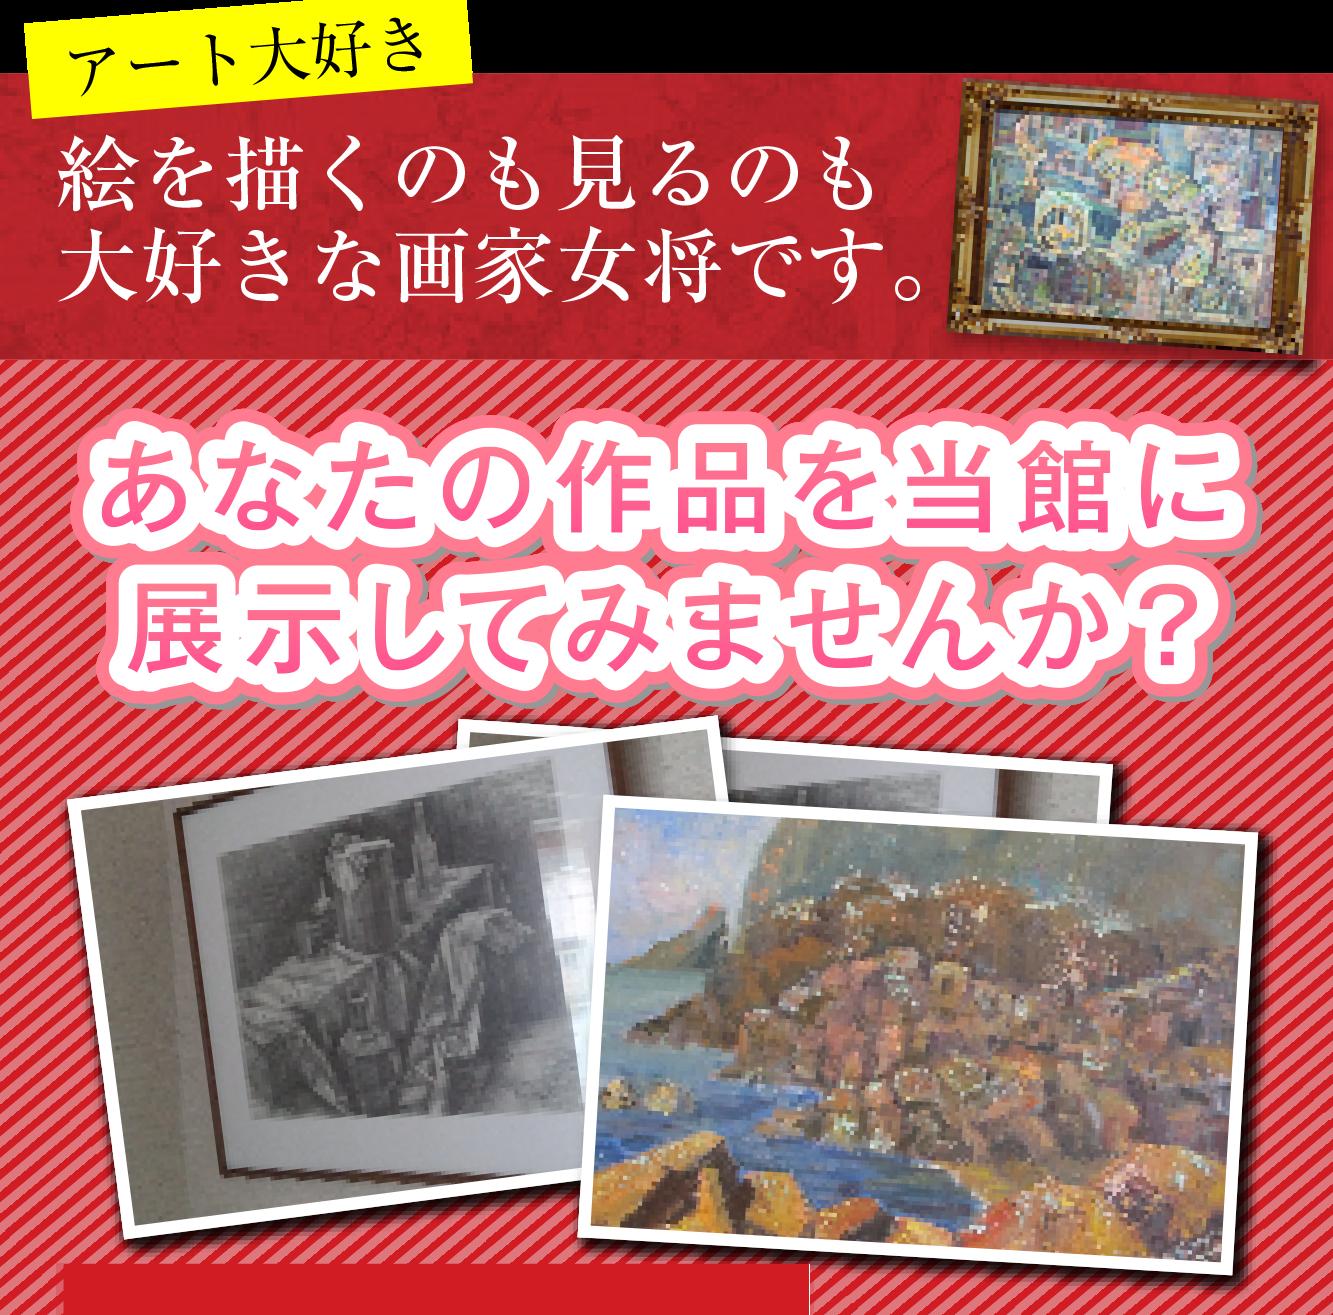 鳴き砂温泉 ニュー丸田荘へようこそ 絵を描くのみ見るのも大好きな画家女将です。